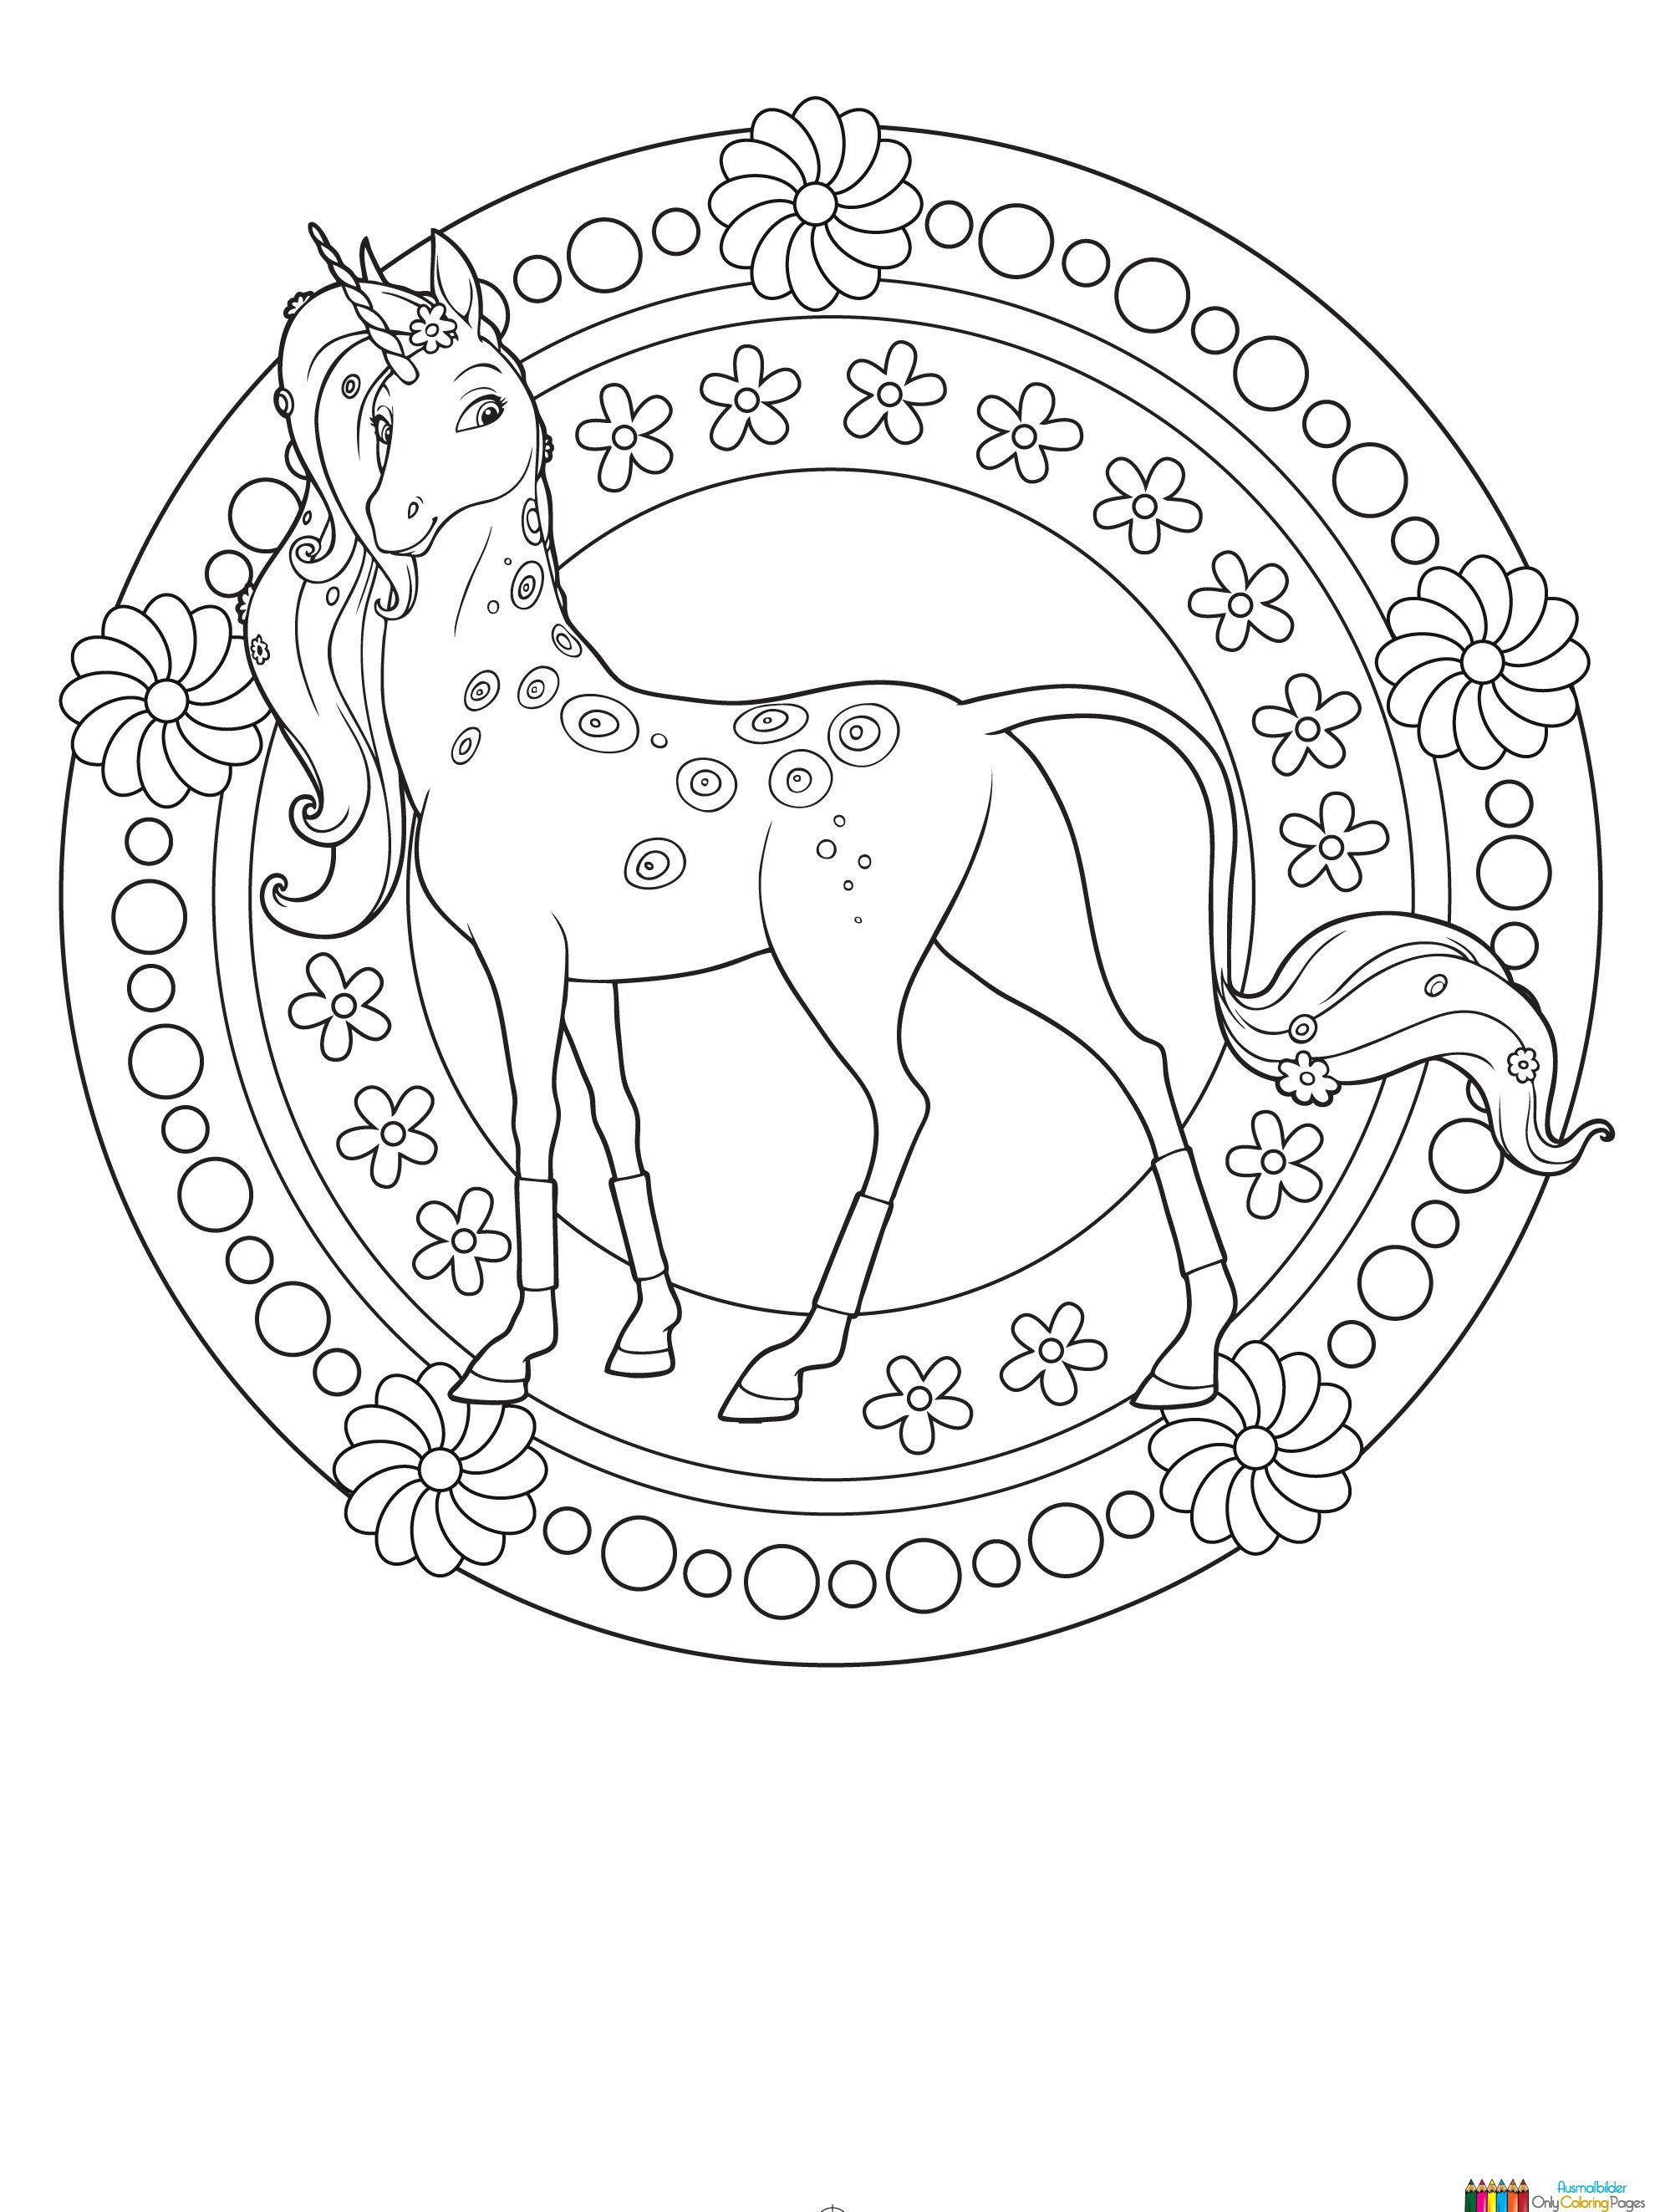 Ausmalbilder Pferde Inspirierend Onchao Ausmalbilder Ausmalbilder Sammlung